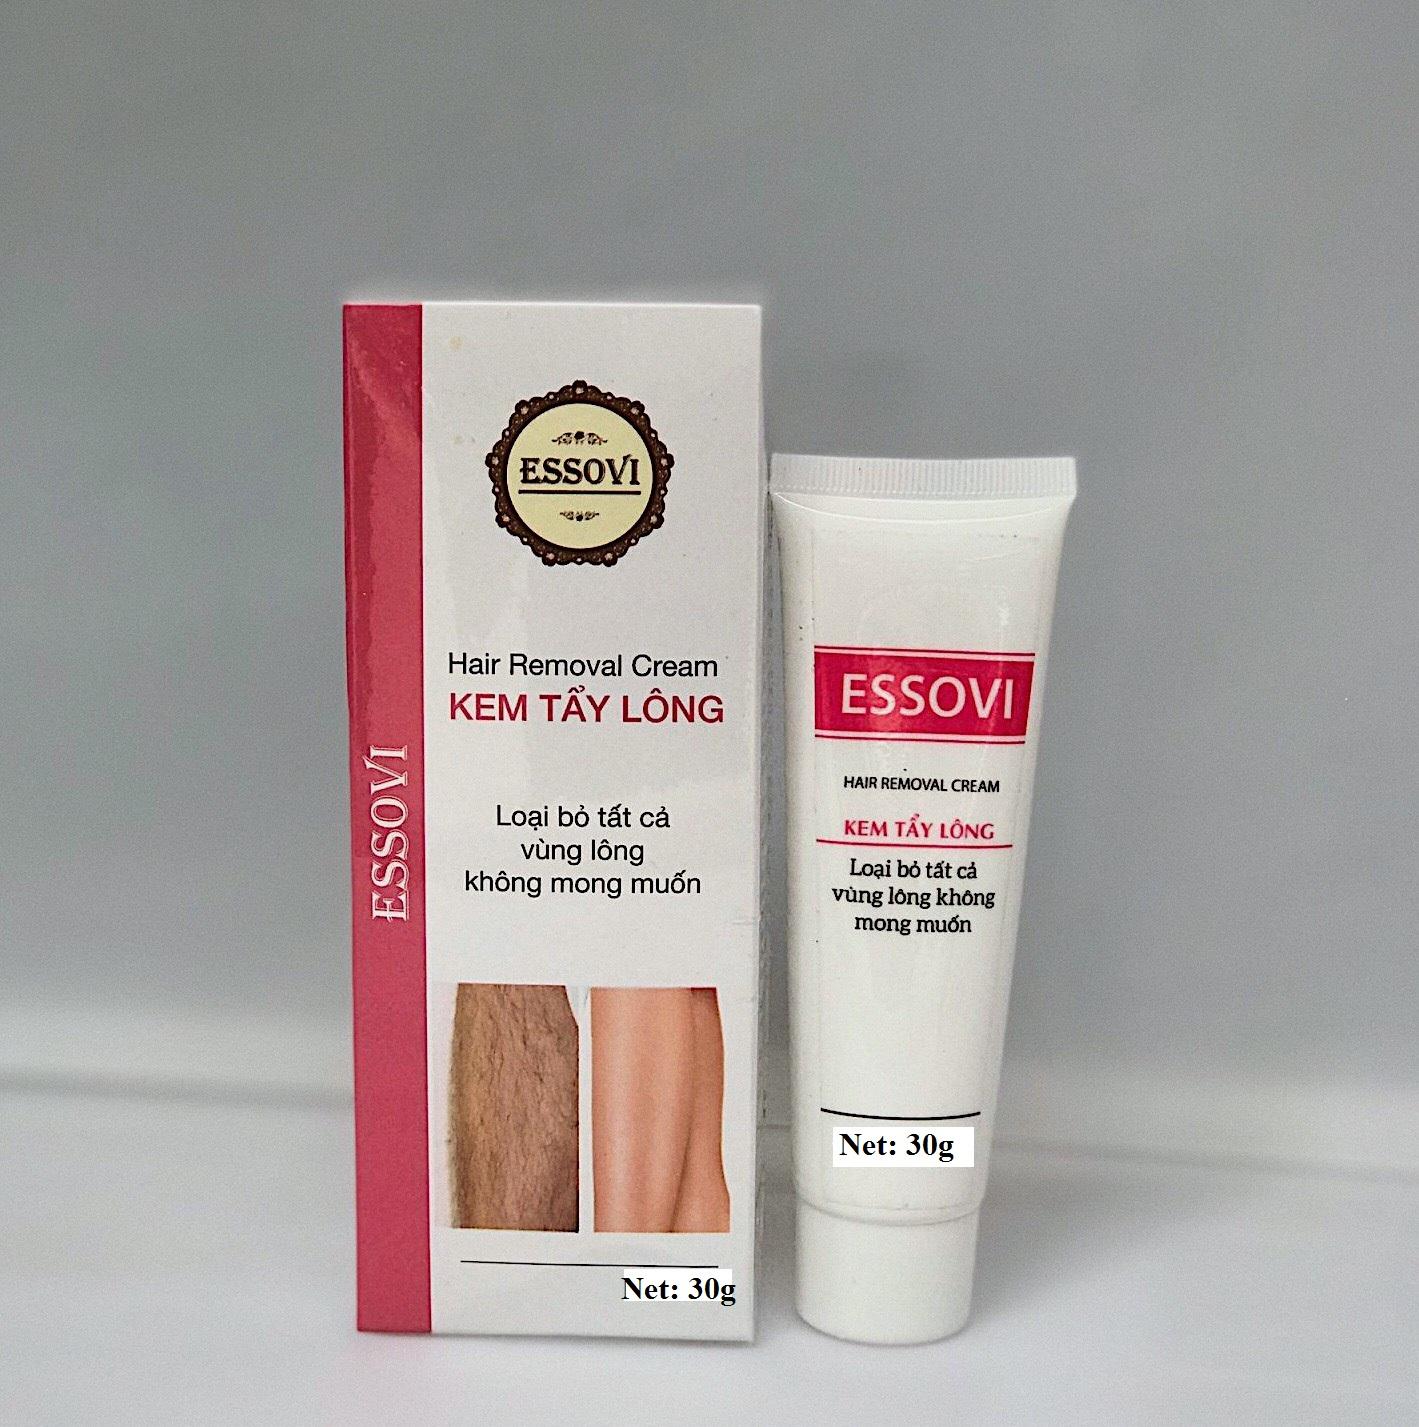 Kem tẩy lông ESSOVI 30g - Thành phần từ thiên nhiên dùng cho mọi loại da - Có khả năng nuôi dưỡng da se khít các lỗ chân lông - Tặng kèm miếng nhám tẩy da chết cao cấp